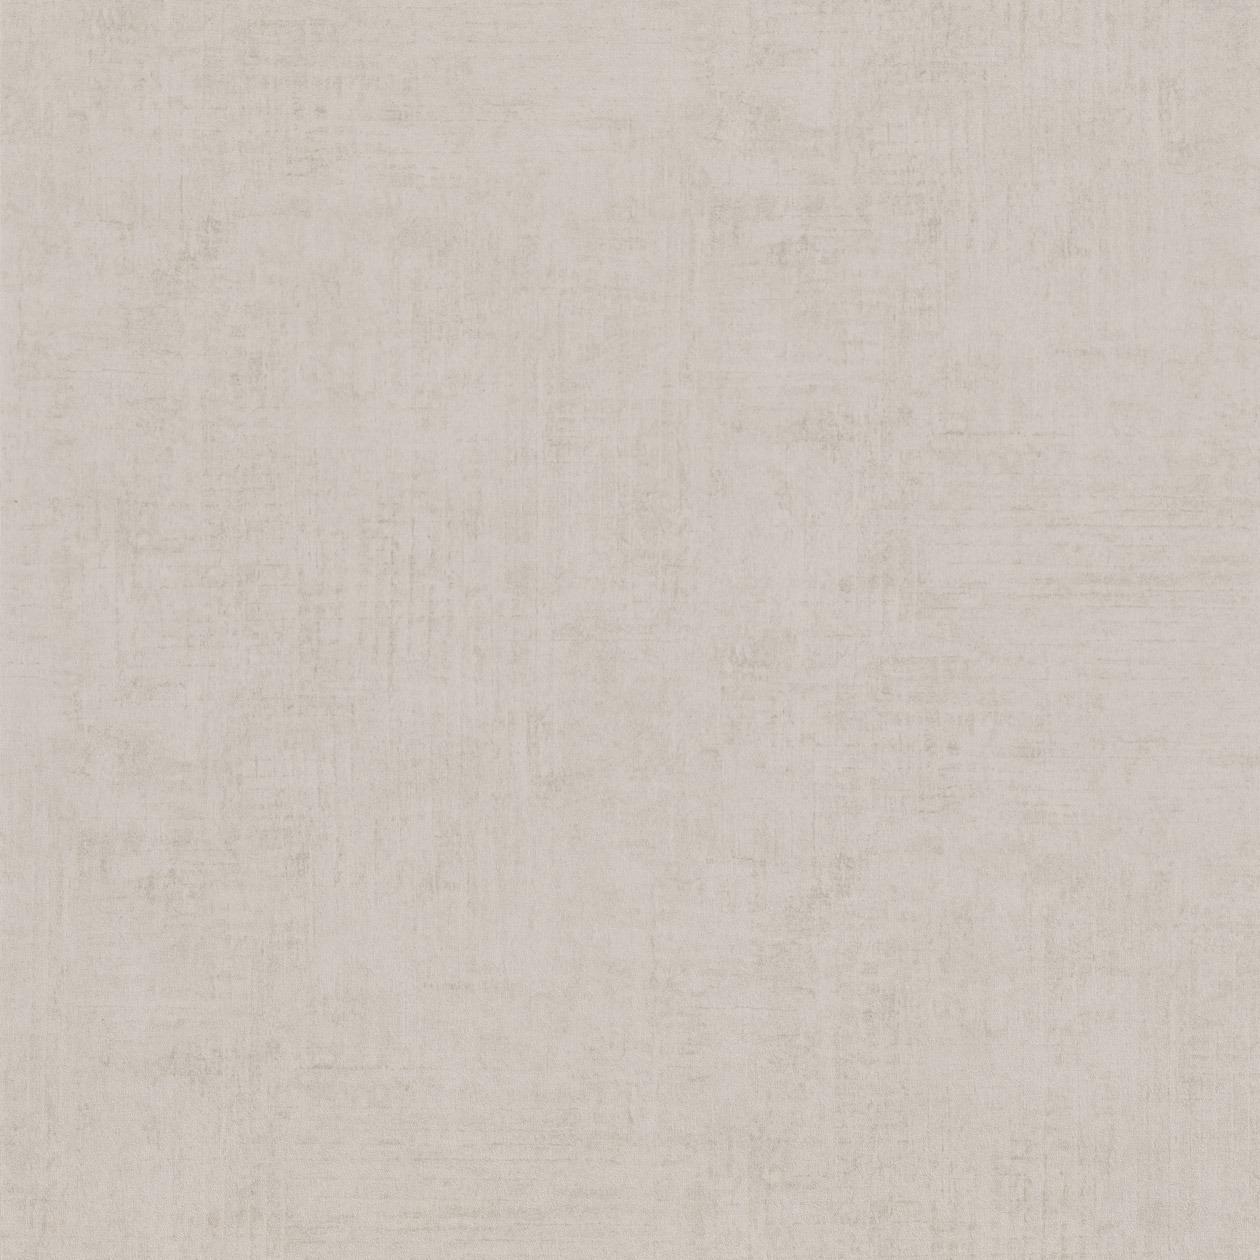 Французские обои Caselio,  коллекция Arty, артикулARY67031215